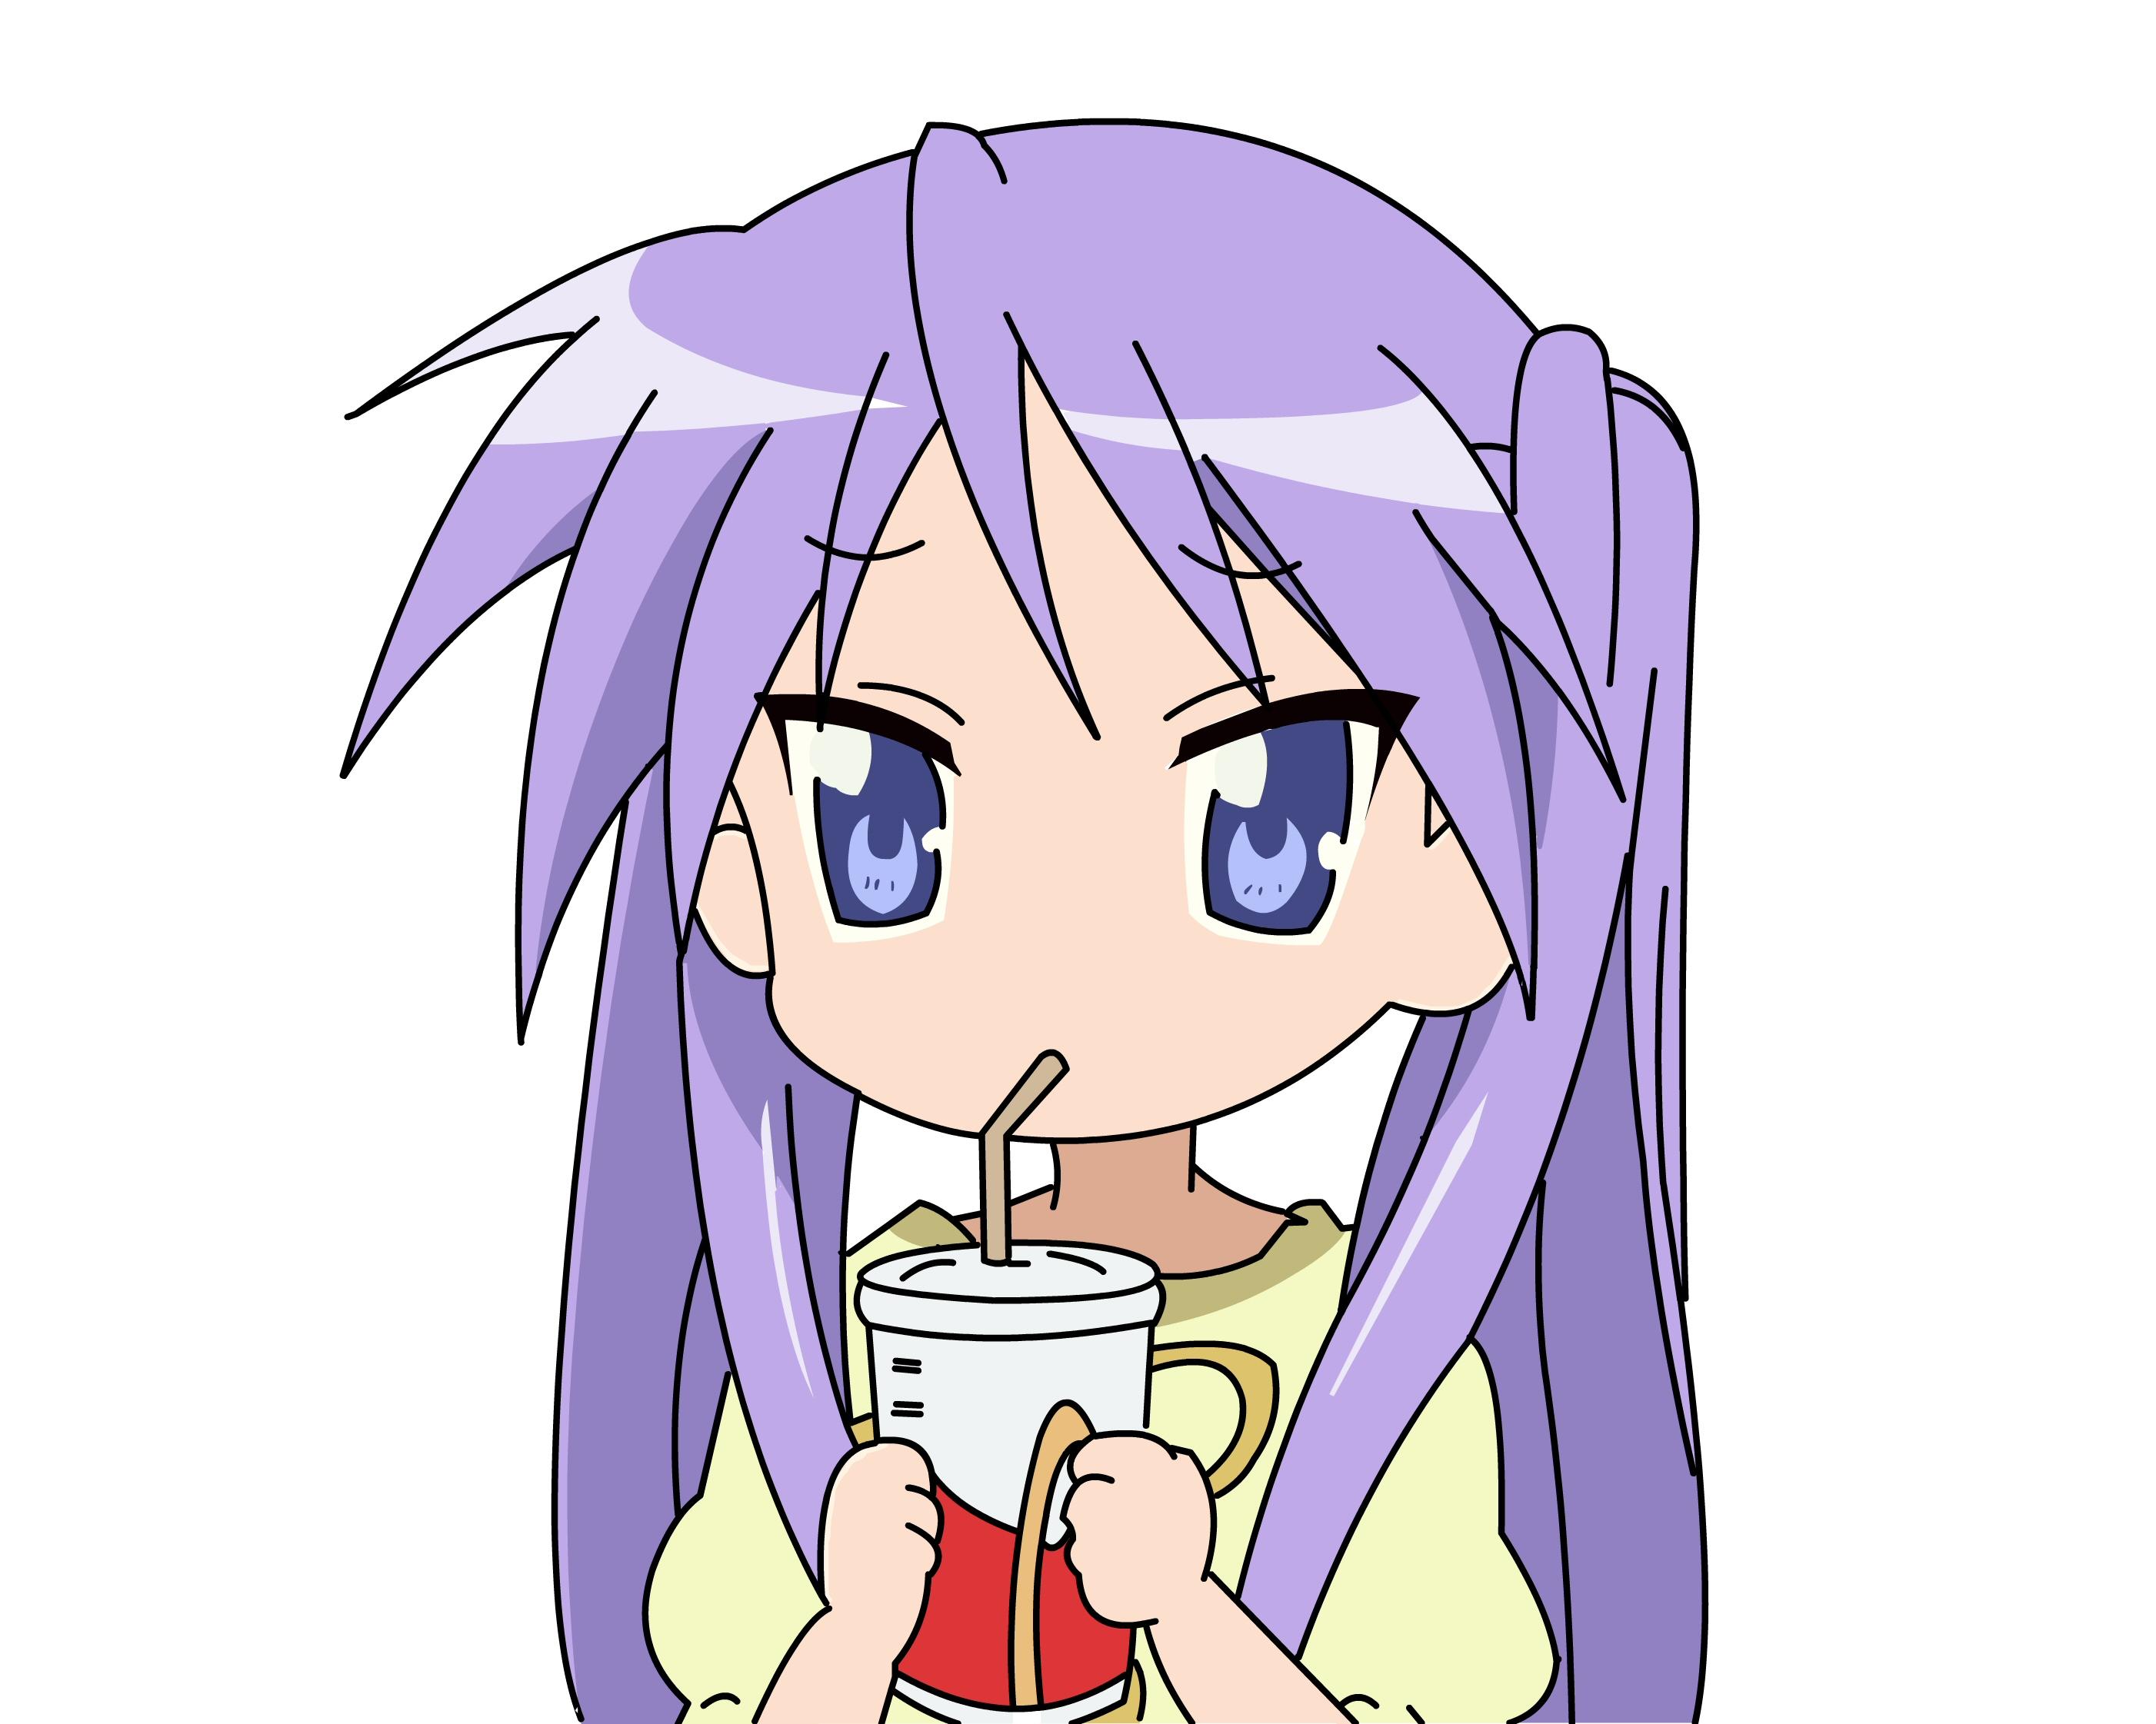 Lucky Star: Kagami chug-a-lug - Minitokyo